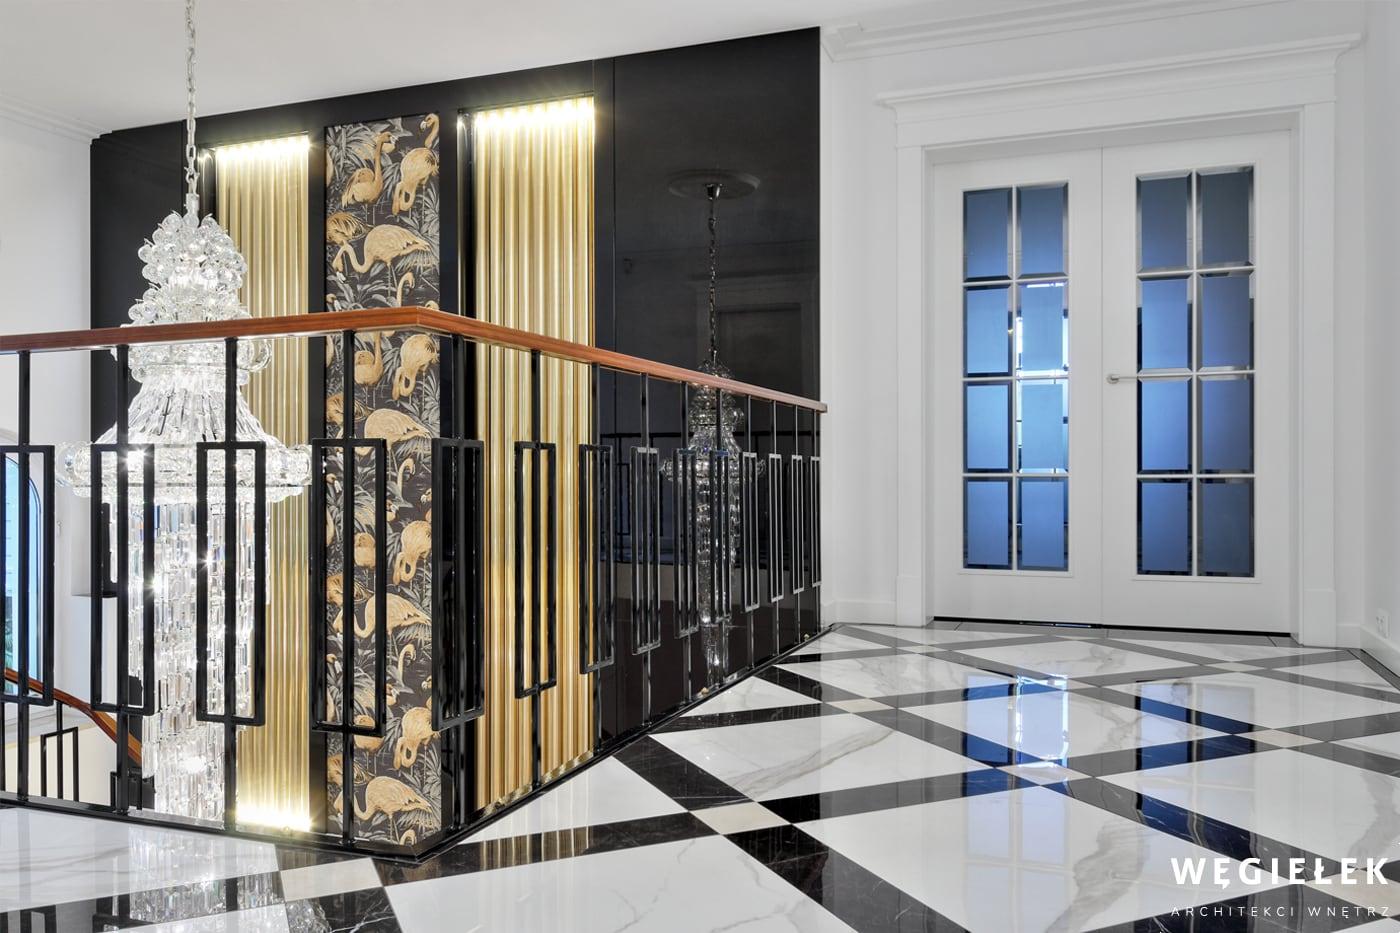 Wyrafinowany projekt architekta wnętrz domów tym razem dotyczy klatki schodowej. To odważne połączenie tapety w złote flamingi, marmurów i kryształów.